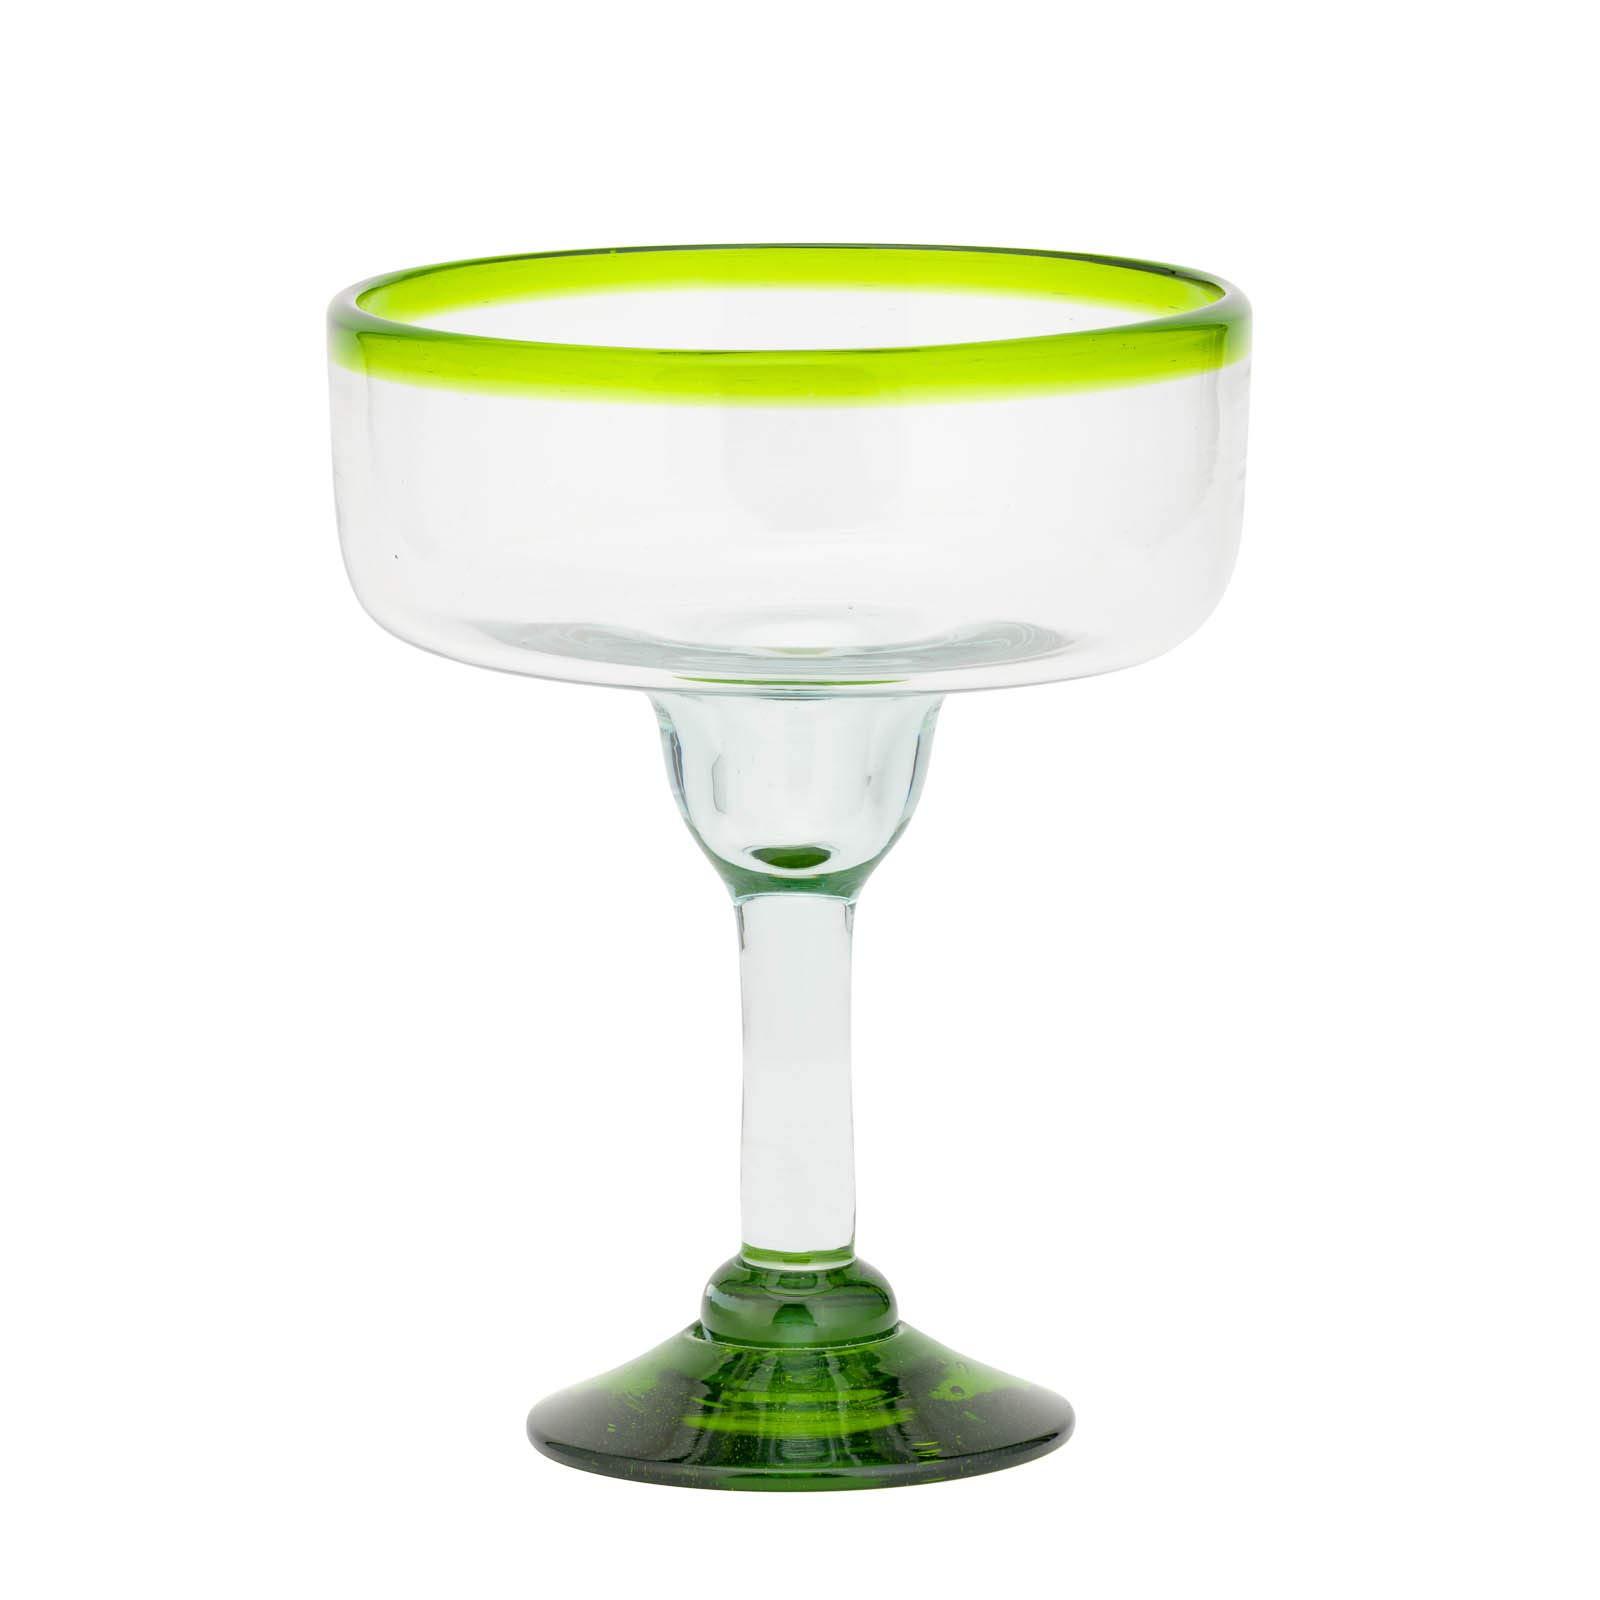 Amici Home 7MCR386S4R Baja Margarita Drinking Glass 15 Fluid Ounces Lime Rim